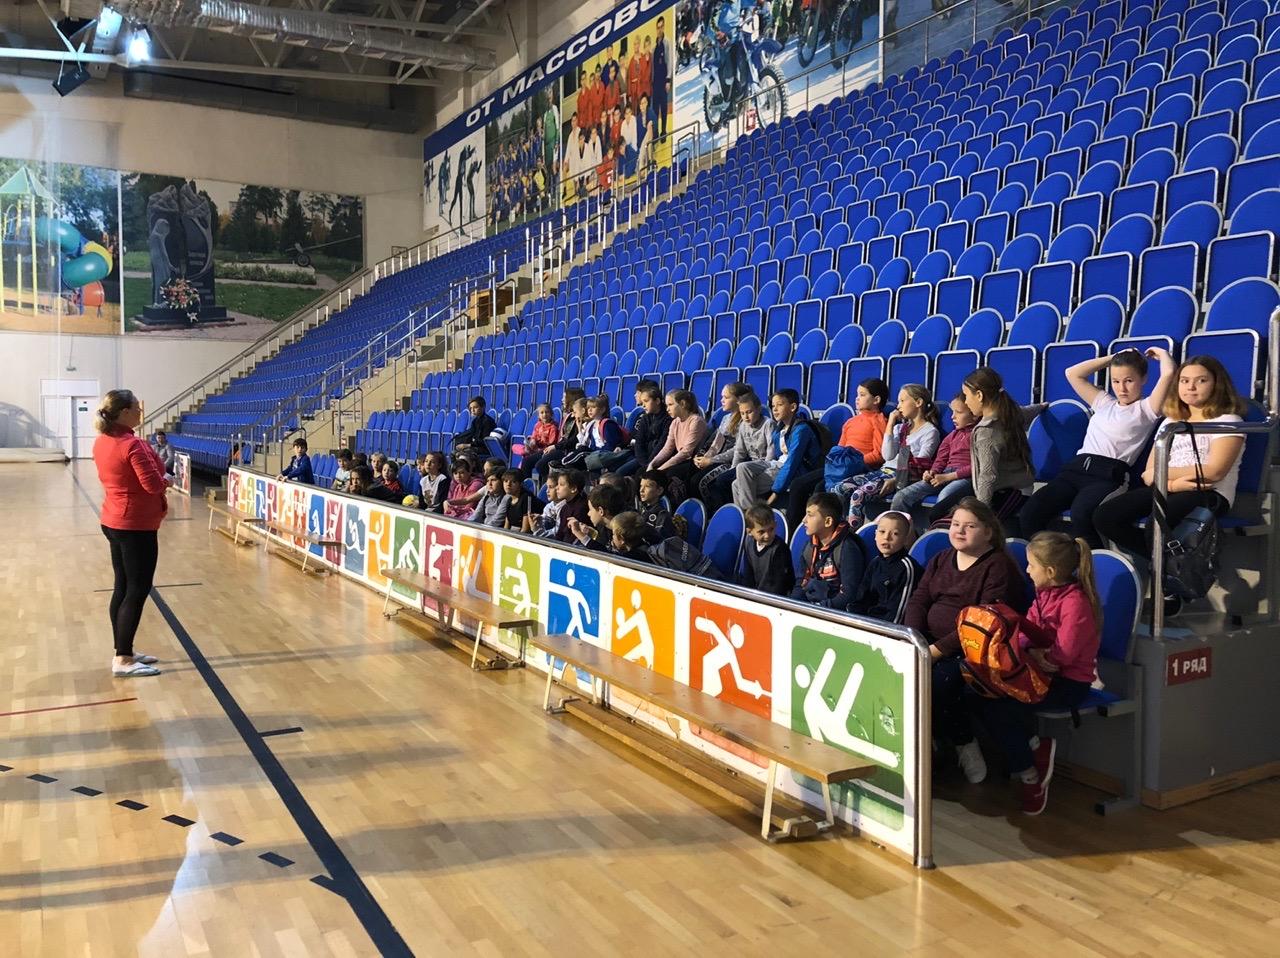 С 28 октября по 01 ноября, на базе МУ «СЦ им. А. Гринина» организованна работа оздоровительного лагеря.